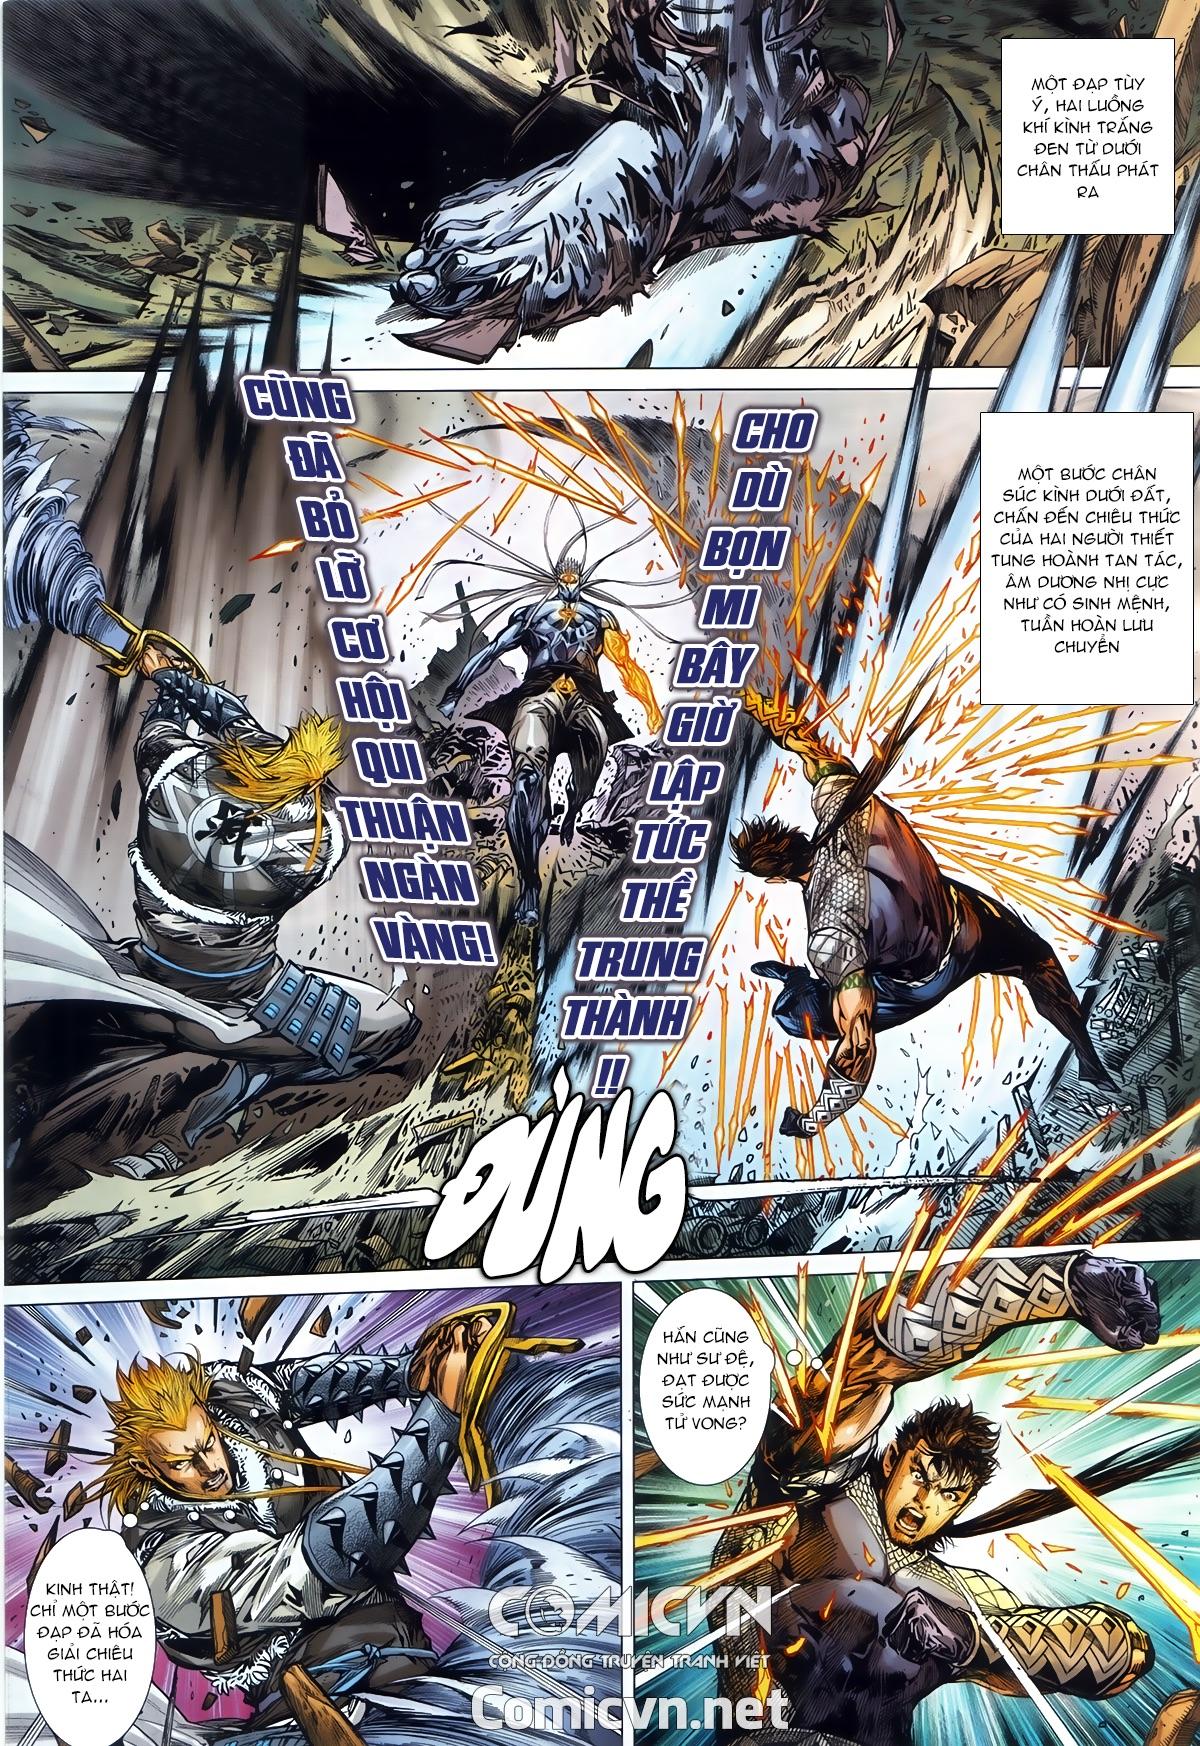 Thiết Tướng Tung Hoành chap 245 - Trang 26